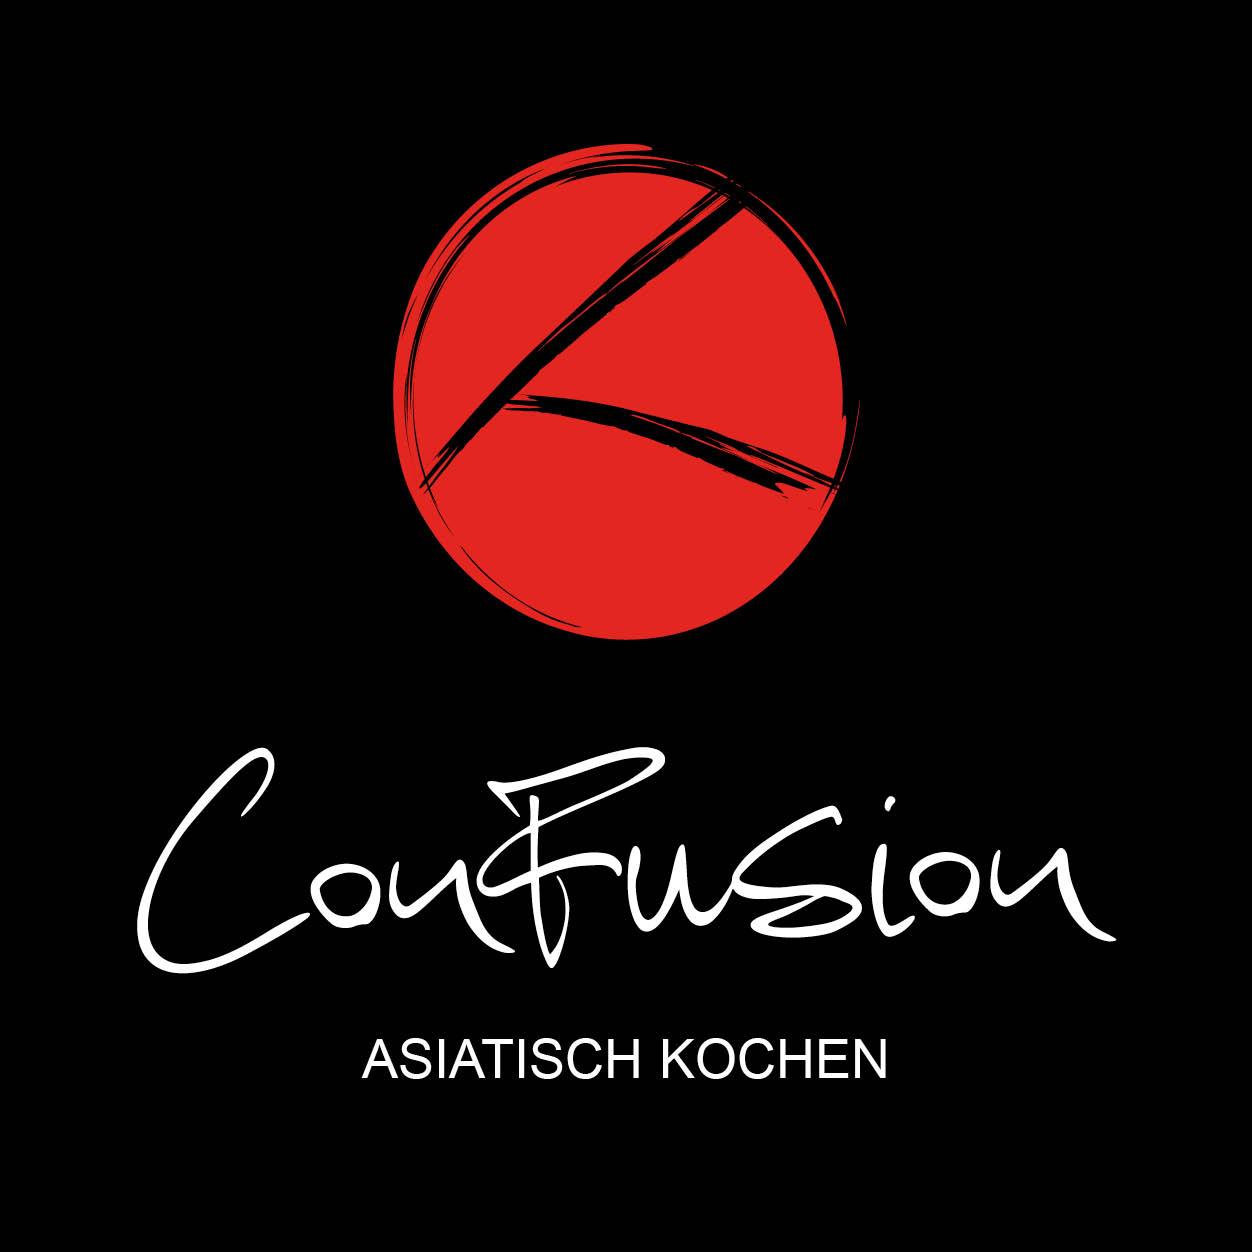 ConFusion - Asiatisch kochen Logo